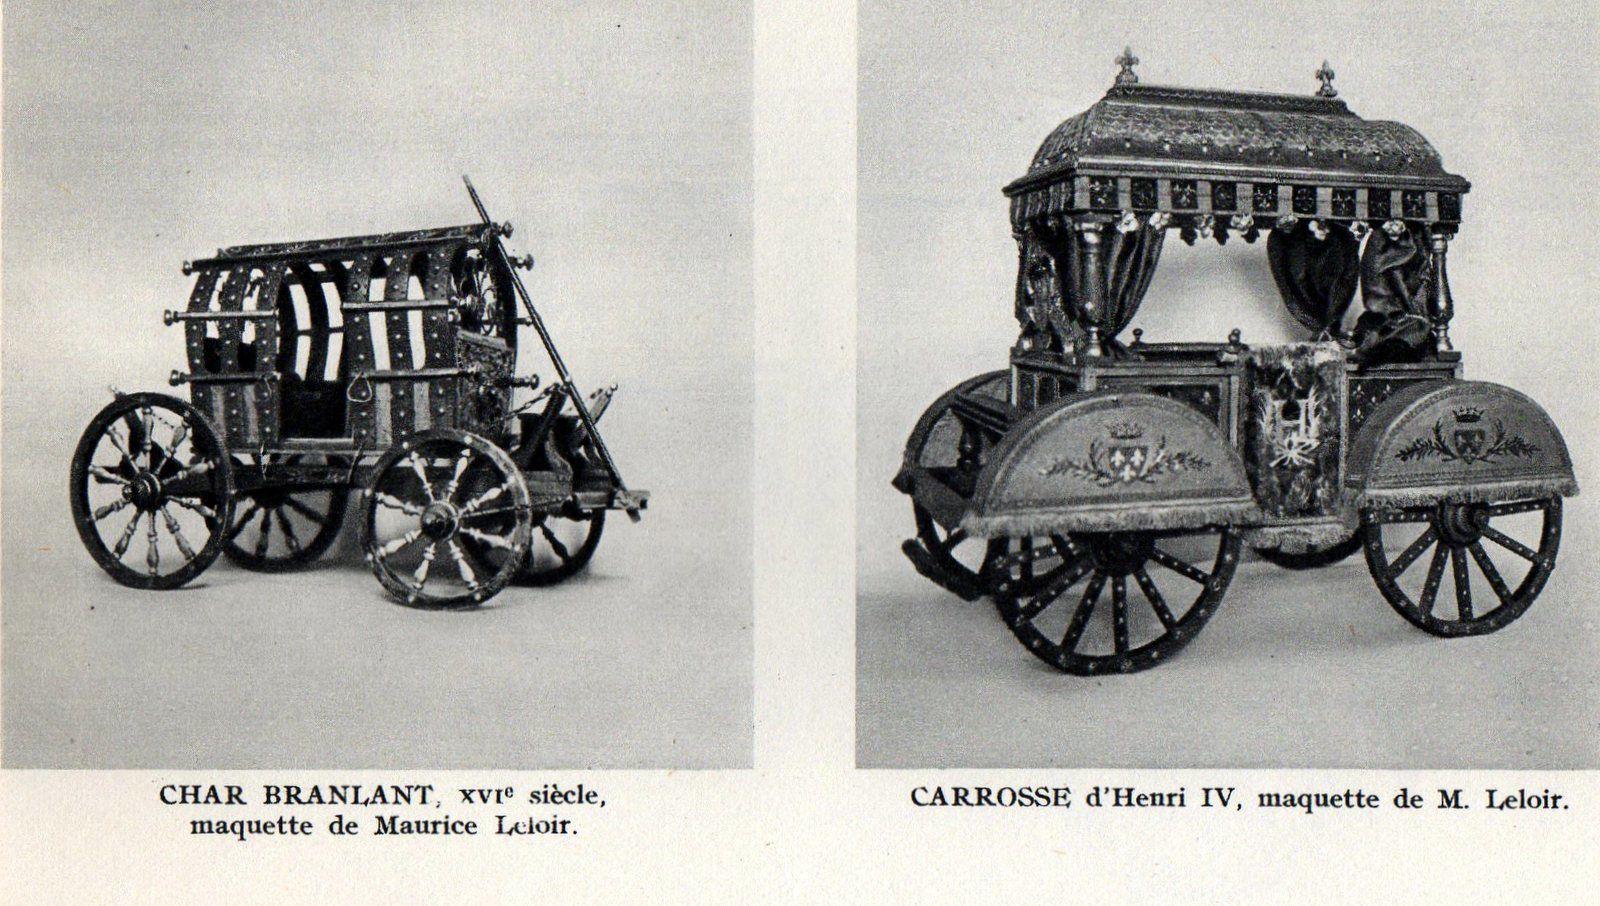 Compiègne: Musée de la voiture. Museum of carriages